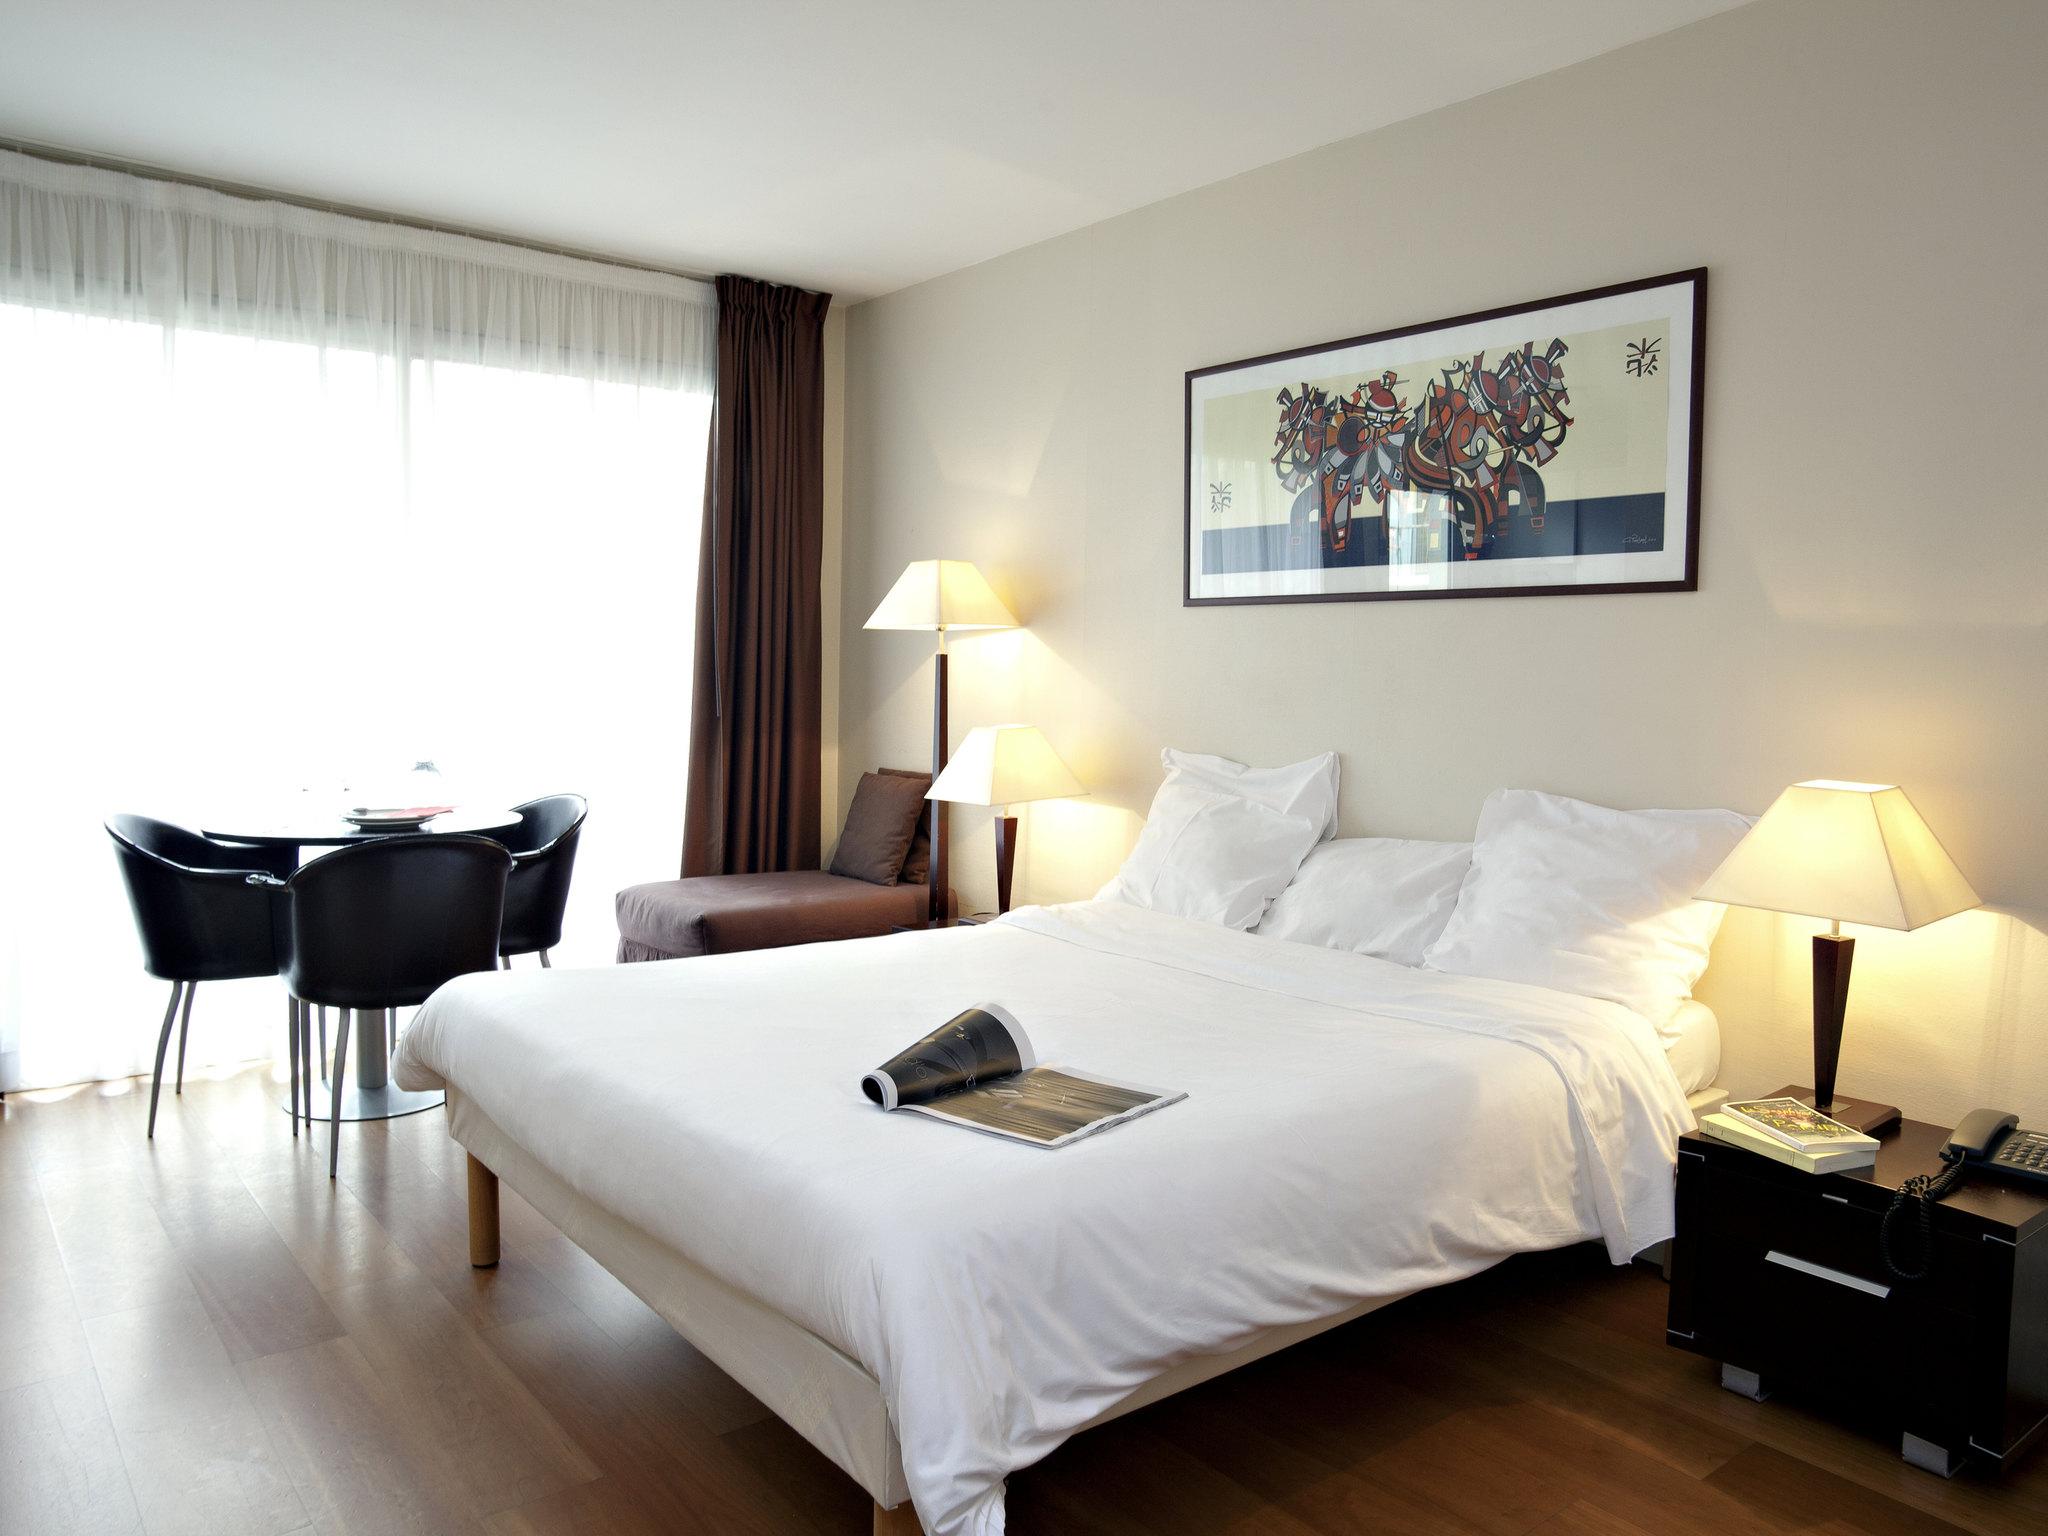 hotel in paris aparthotel adagio access paris tour. Black Bedroom Furniture Sets. Home Design Ideas